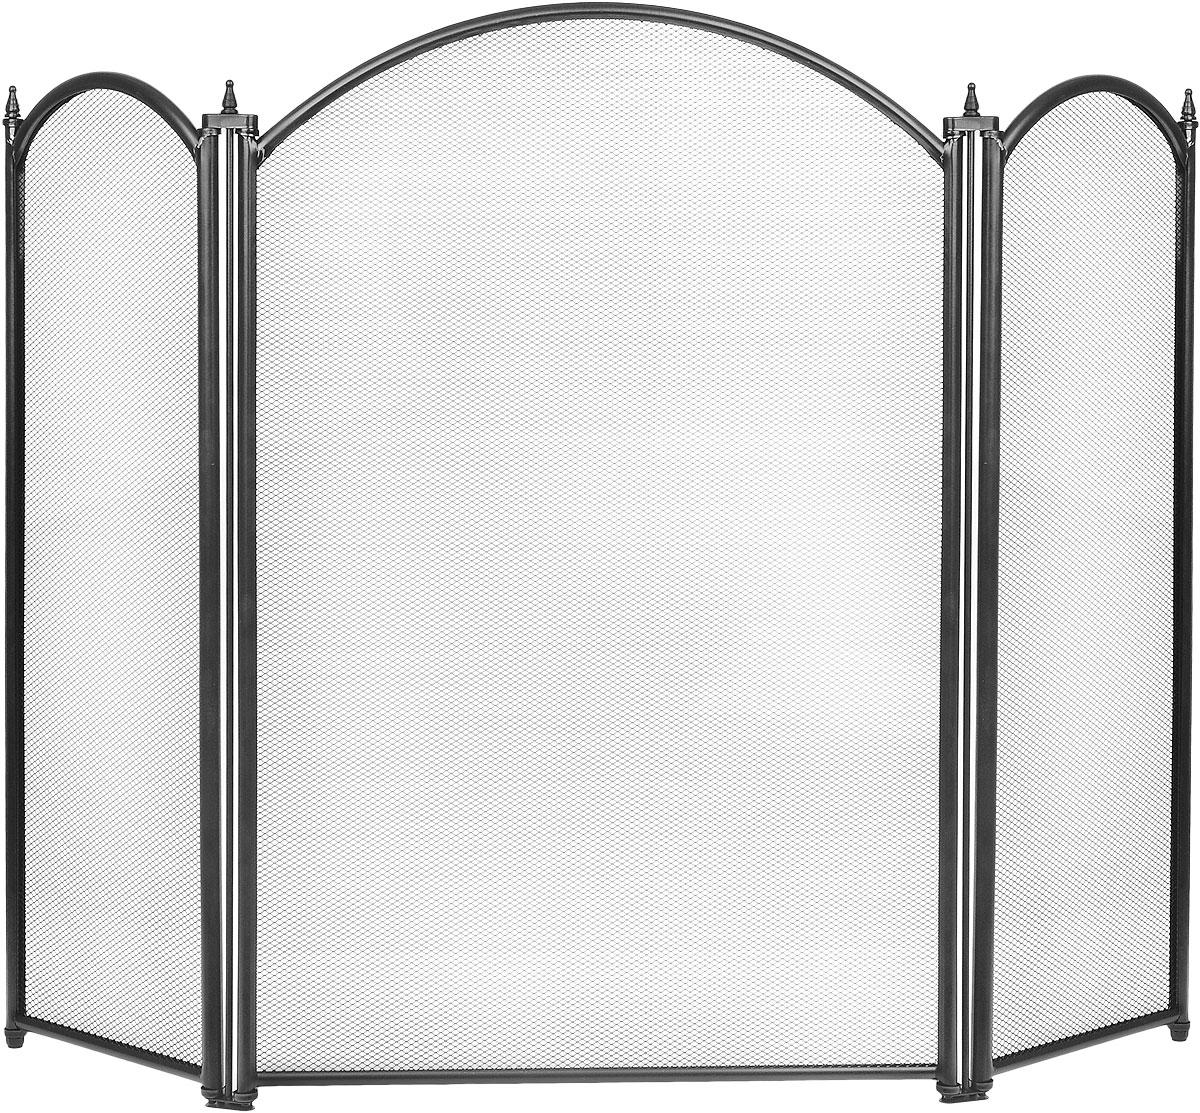 Экран каминный RealFlame, цвет: черный03021 BKКаминный экран RealFlame позволяет создать дополнительный эффект электрокамину, а так же создает дополнительный уют в доме и является незаменимым атрибутом, как современного очага так и классического. Изделие выполнено из высококачественного металла. Высота экрана: 68 см. Ширина экрана: 87 см.